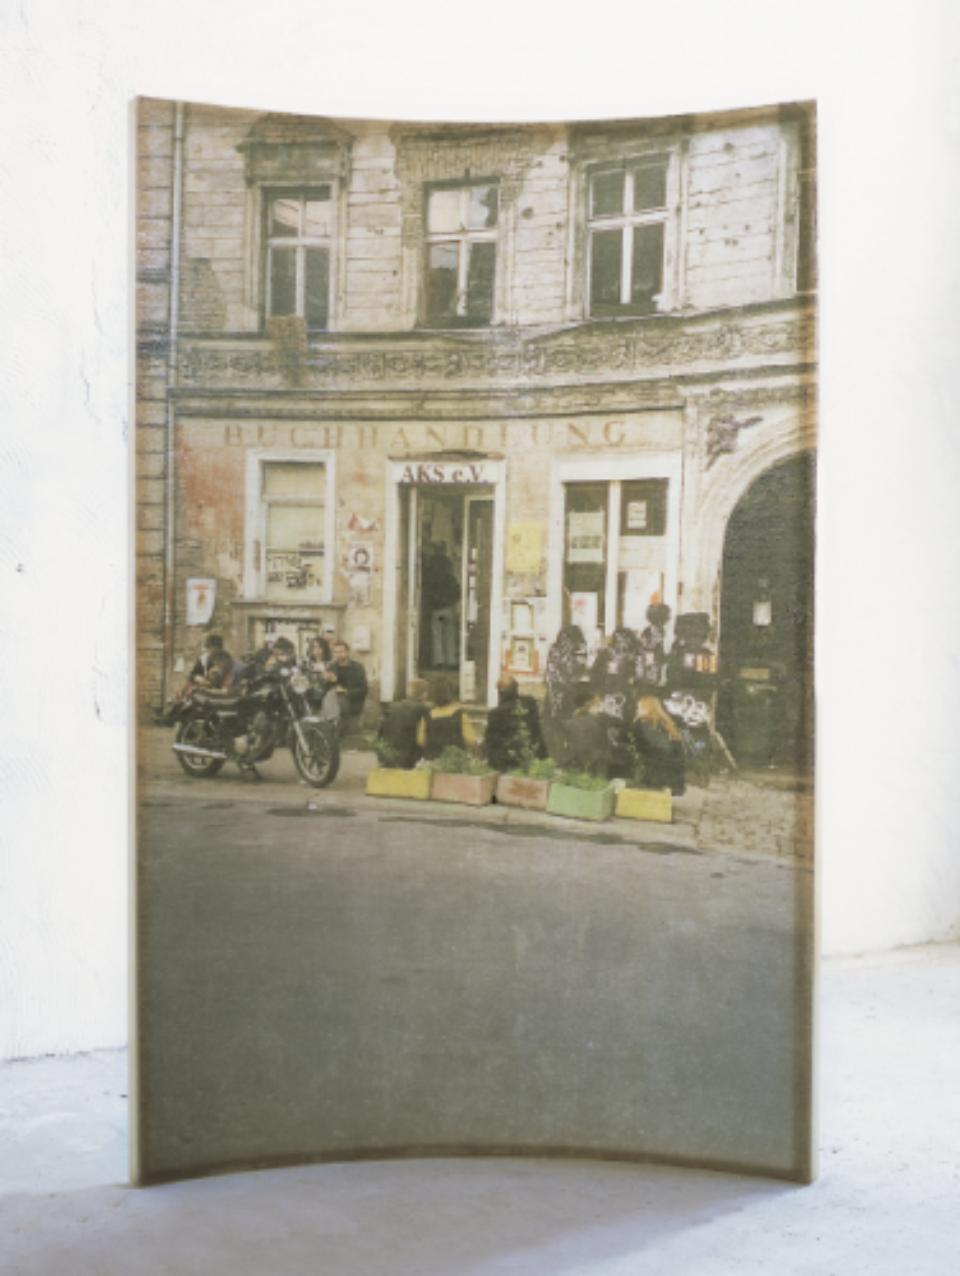 Amador: L'home i la ciutat 1994, 240 x 153 x 35 cm